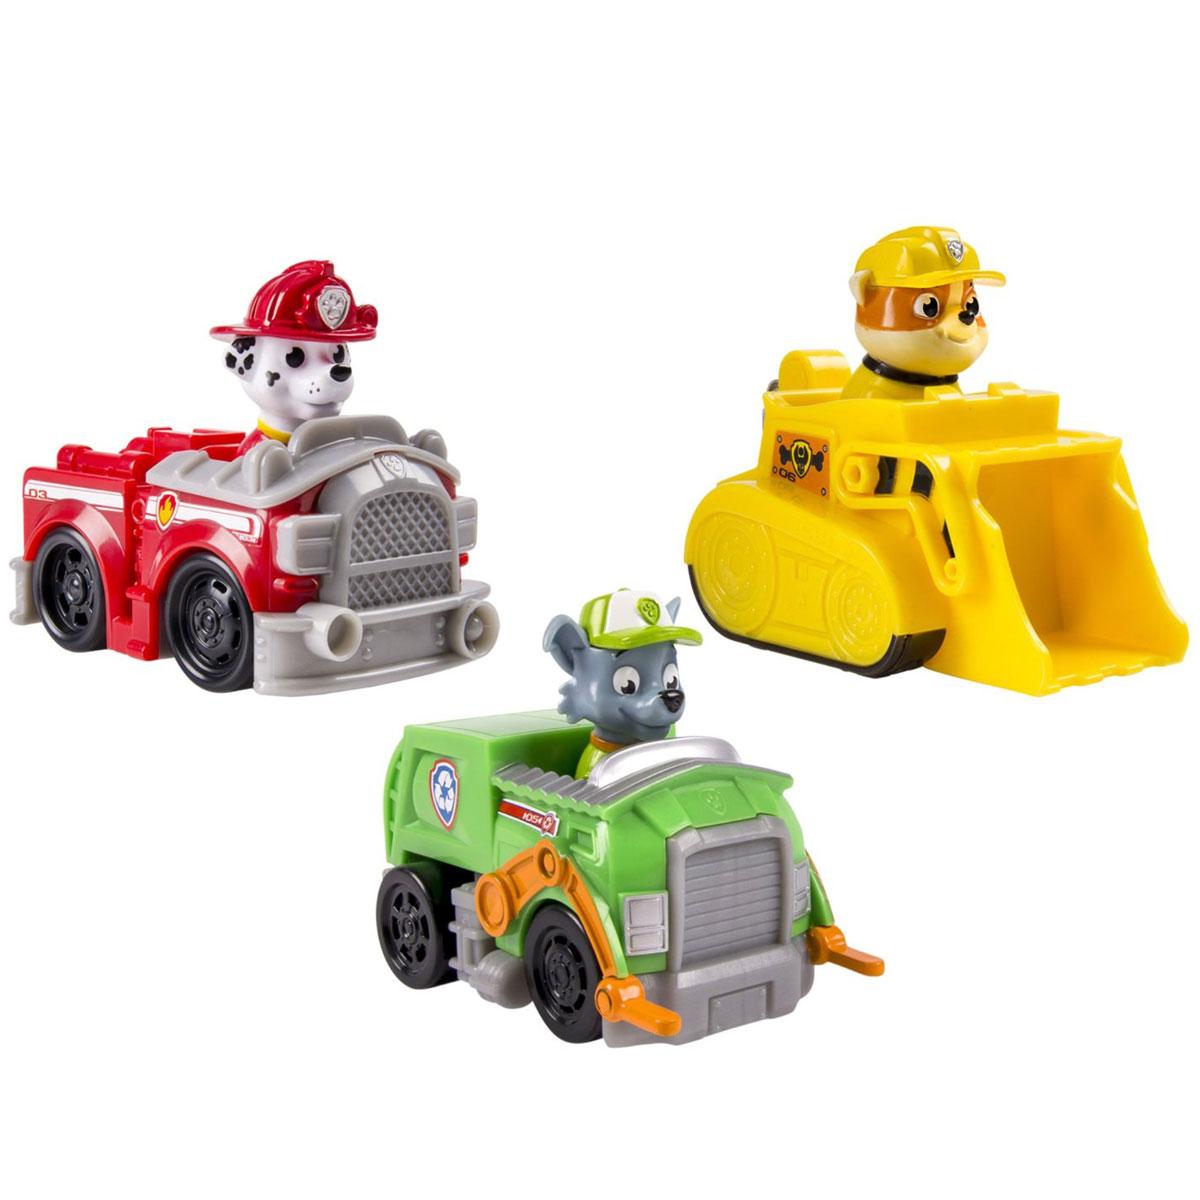 Paw Patrol Набор машинок спасателей spin master большой автомобиль спасателей погрузчик рокки щенячий патруль